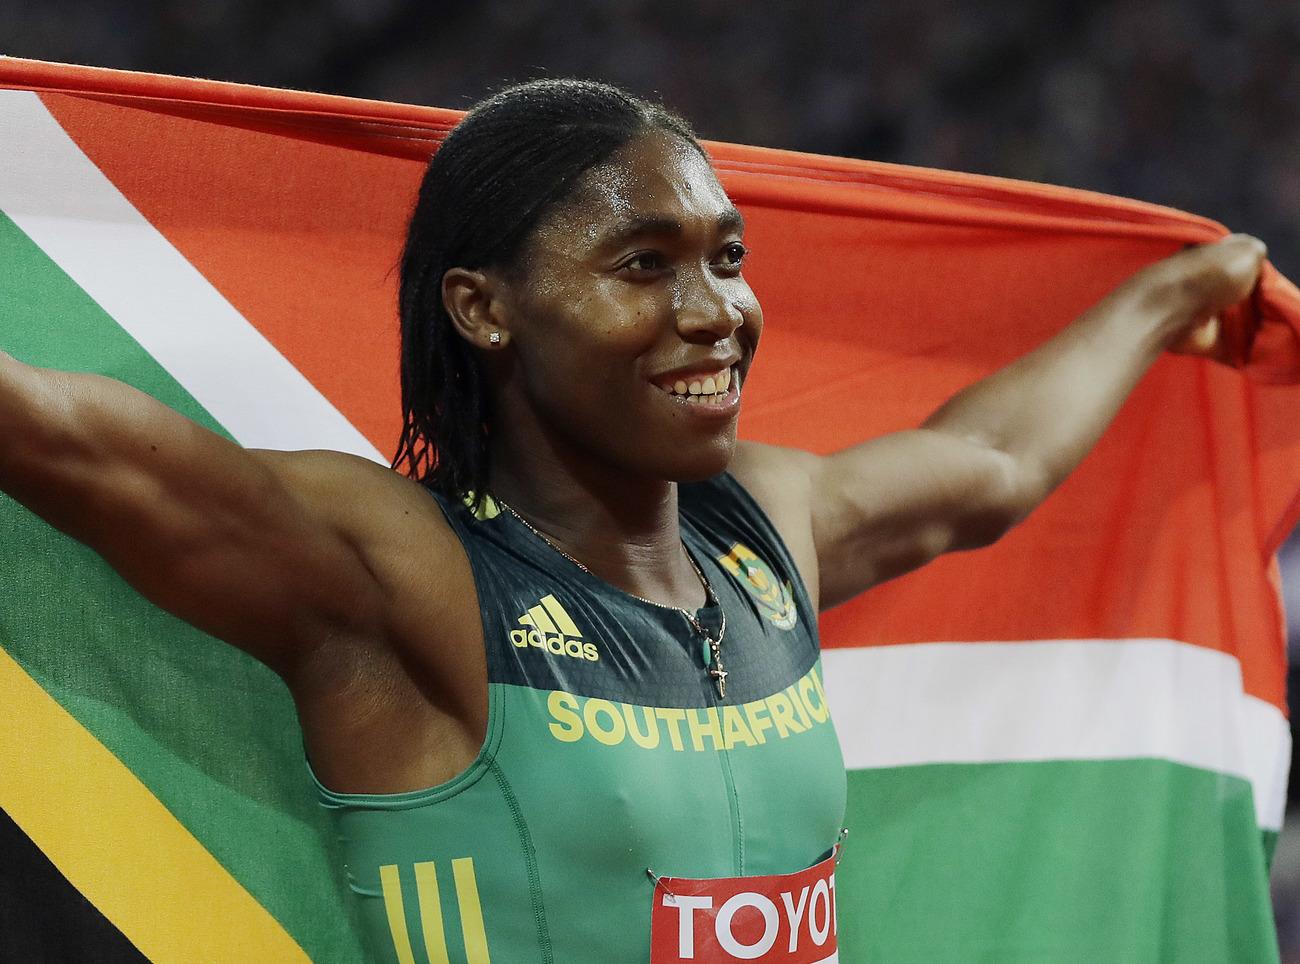 800m : la Sud-Africaine Caster Semenya retrouve son titre mondial